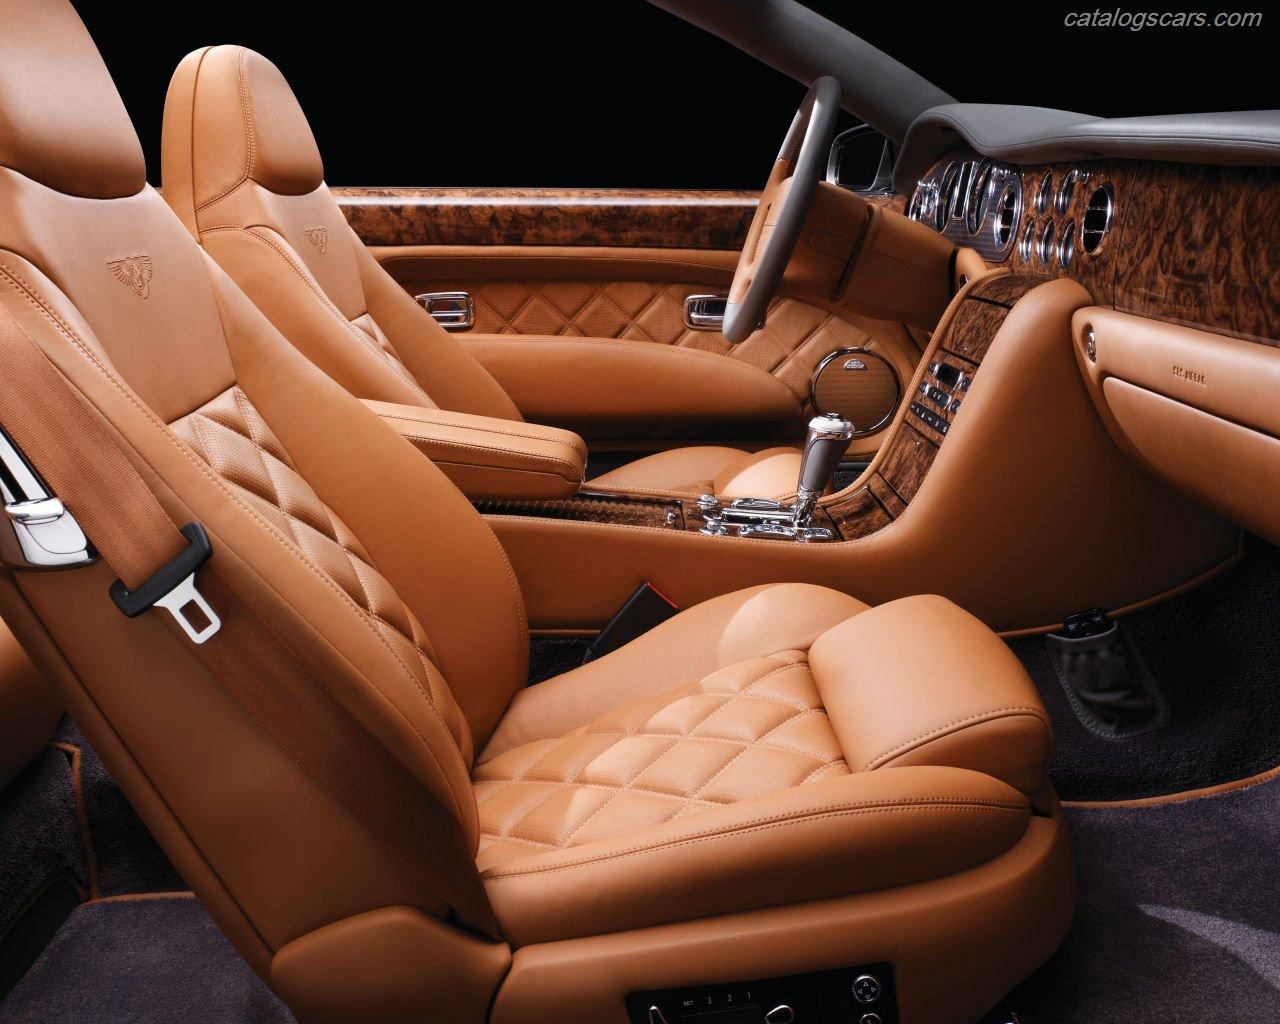 صور سيارة بنتلى ازور 2014 - اجمل خلفيات صور عربية بنتلى ازور 2014 - Bentley Azure Photos Bentley-Azure-2011-12.jpg